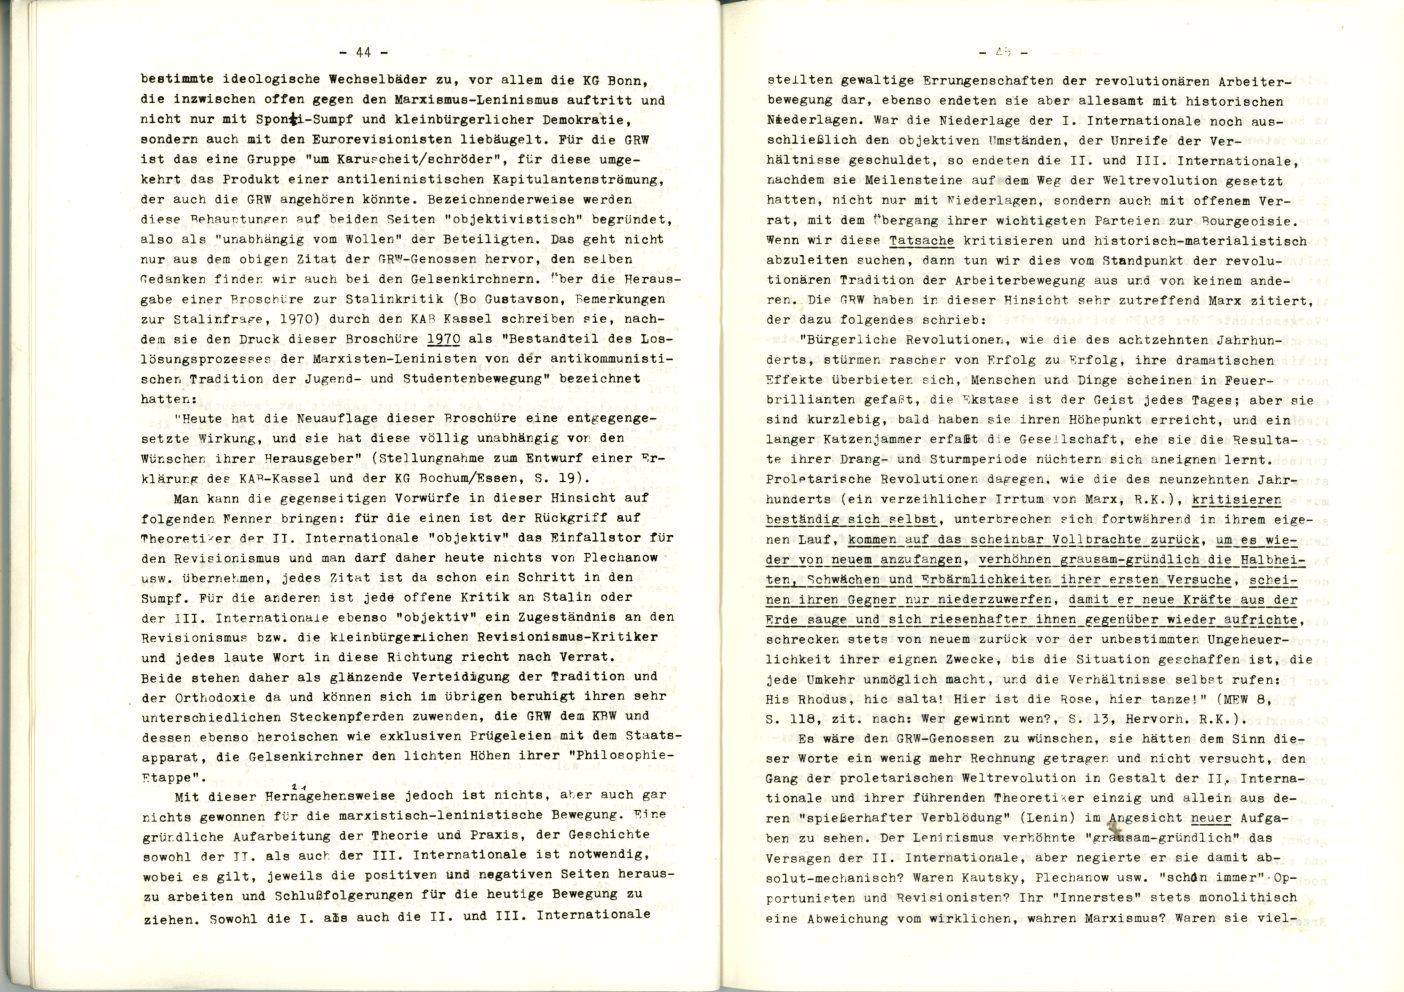 Nuernberg_Fuerth_Erlangen_ML_Diskussionsbeitraege_1979_02_23